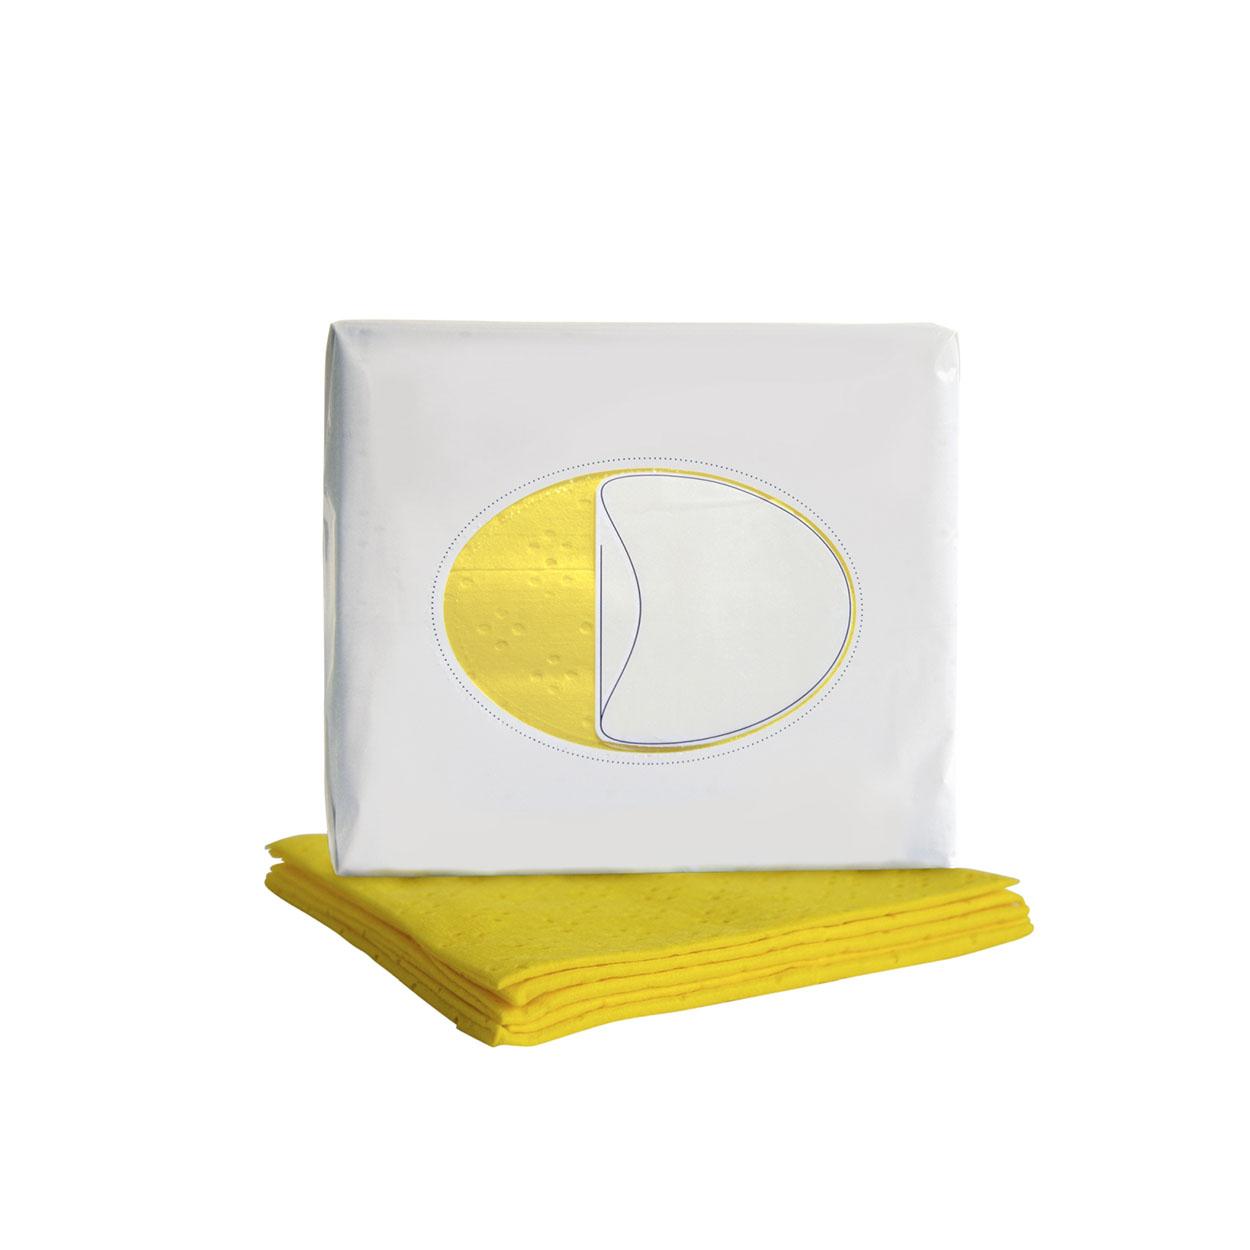 Kolorowa ściereczka czyszcząca na lżejsze zabrudzenia - żółt